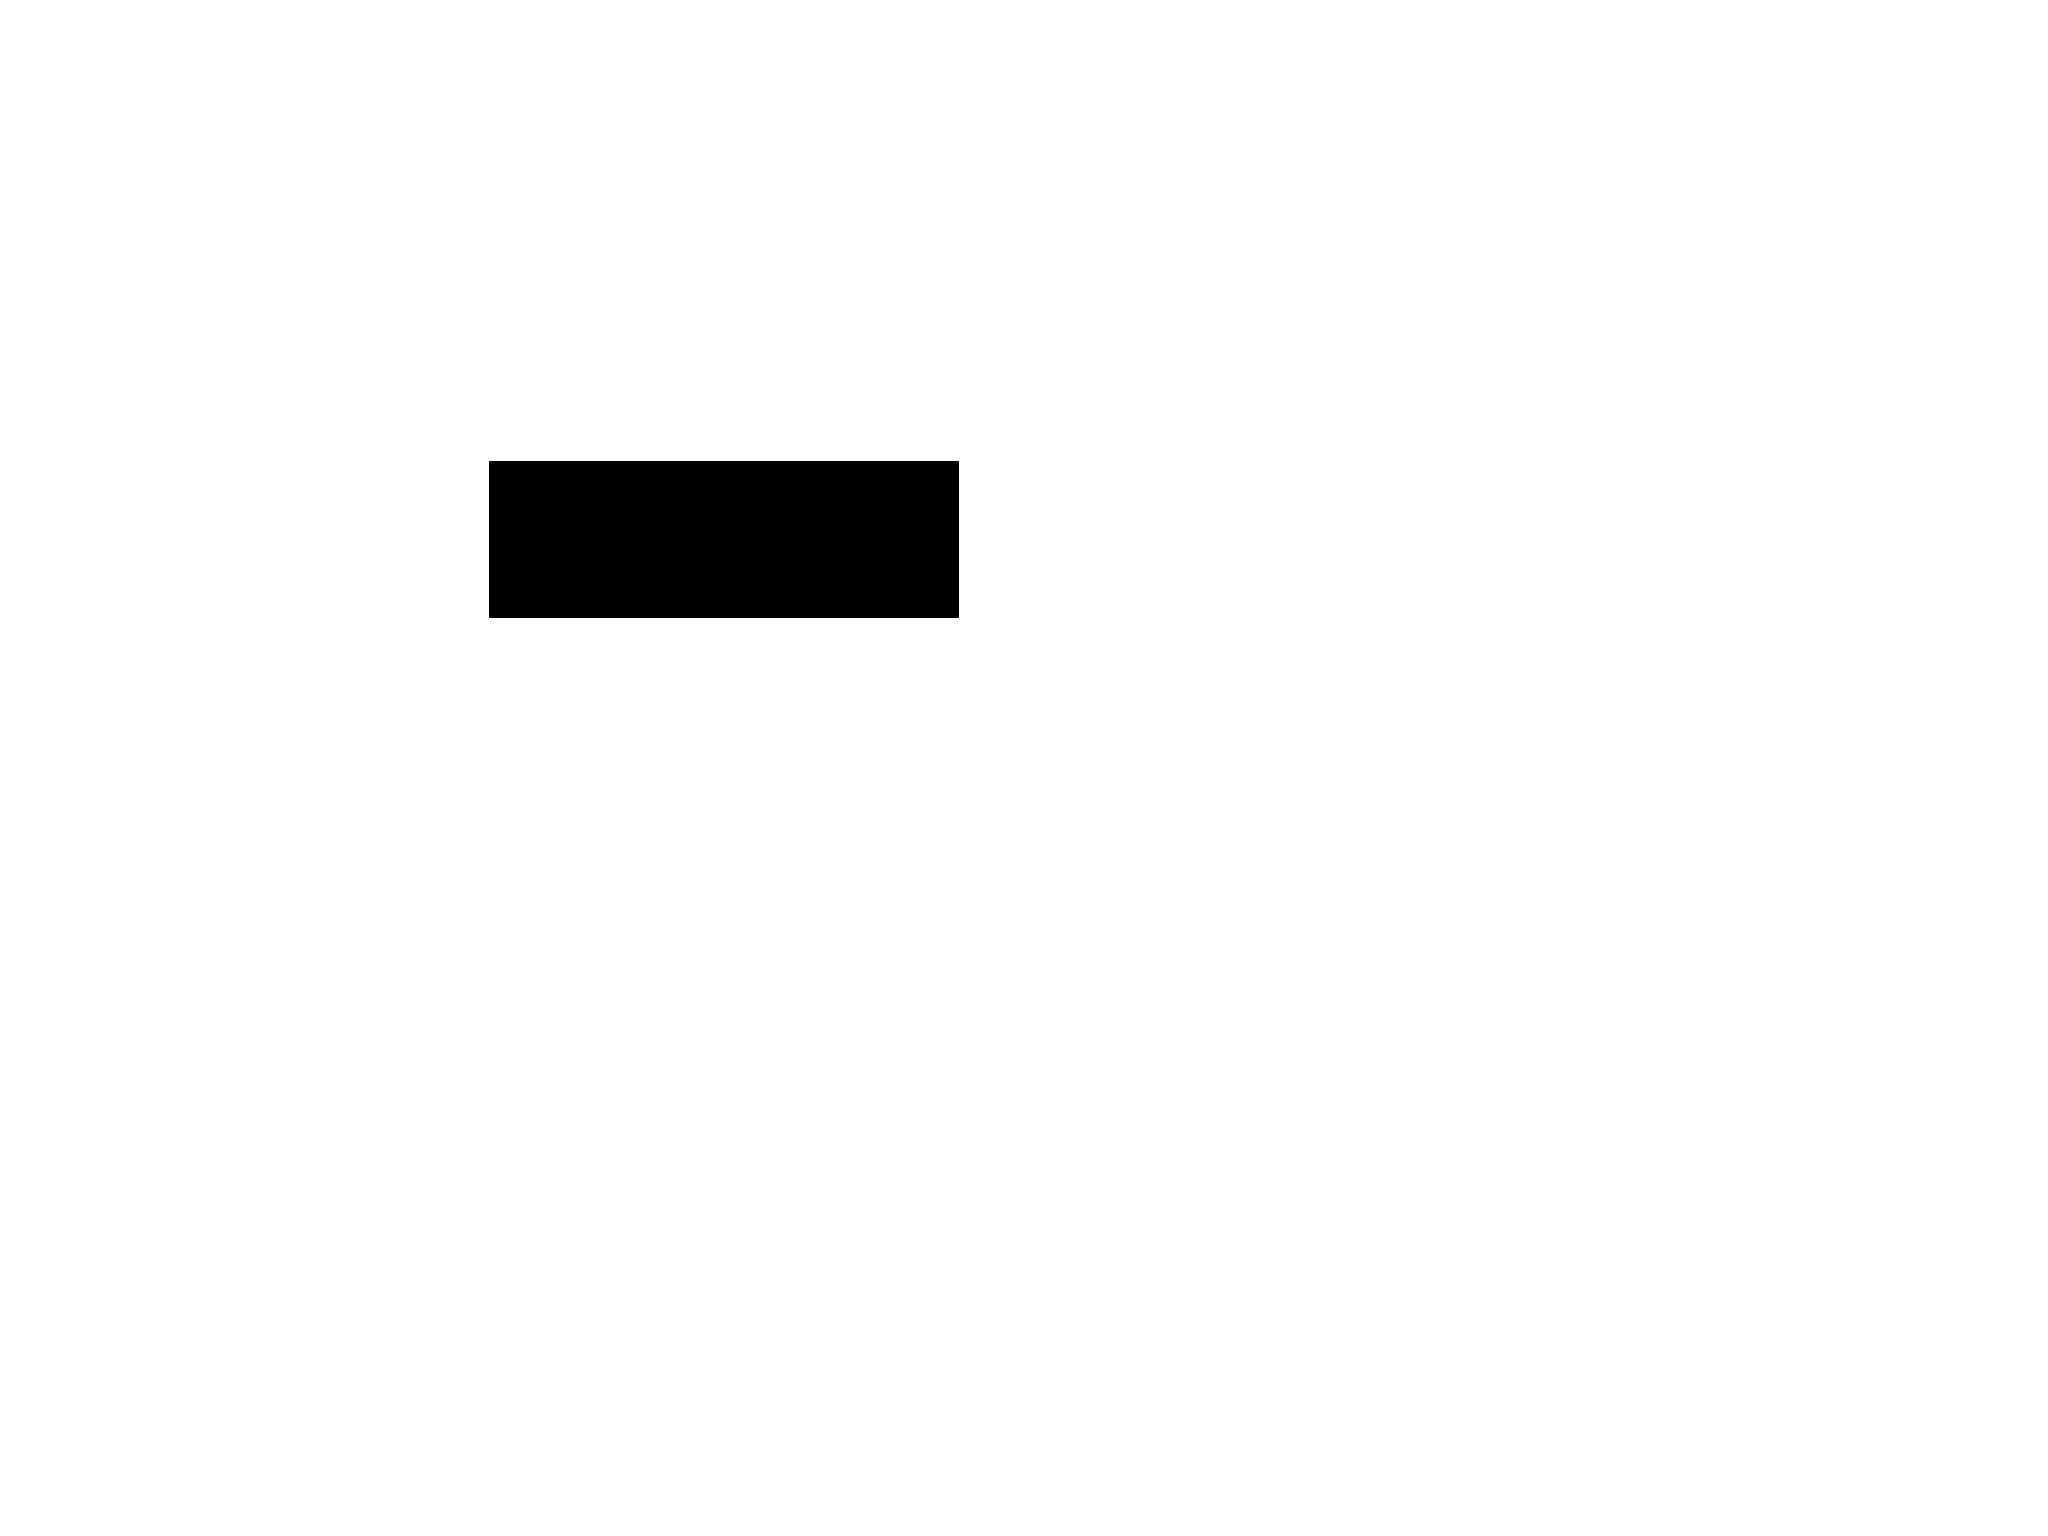 Тонировка переднего бокового стекла